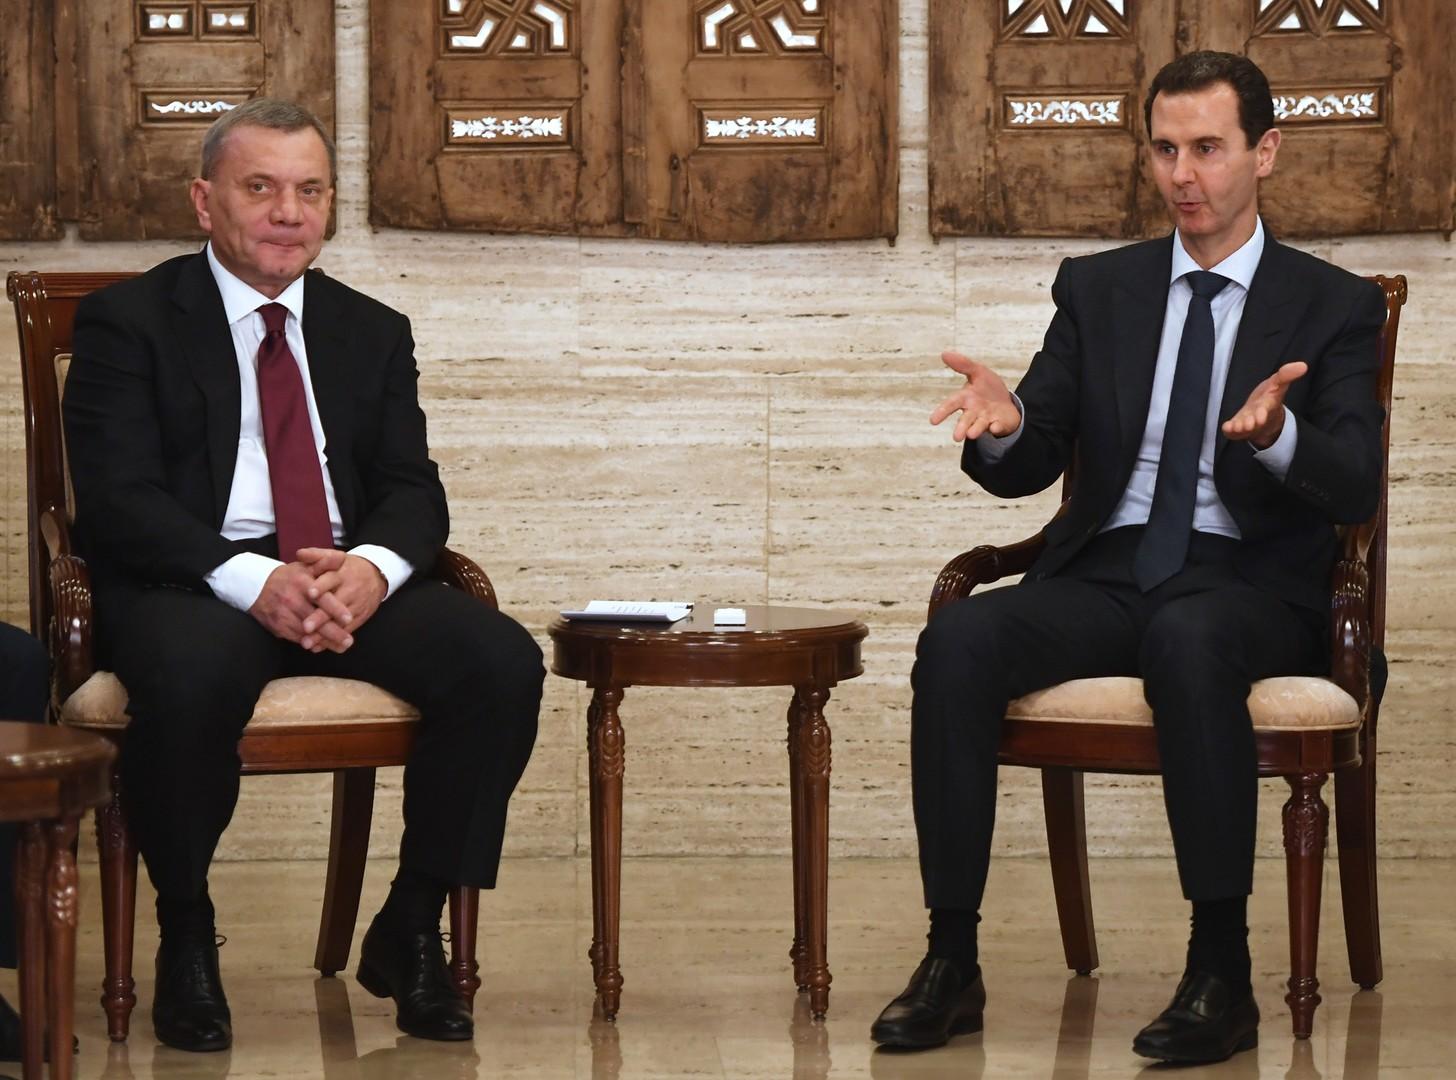 لقاء نائب رئيس الوزراء الروسي، يوري بوريسوف، مع الرئيس السوري، بشار الأسد، في دمشق (أرشيف)